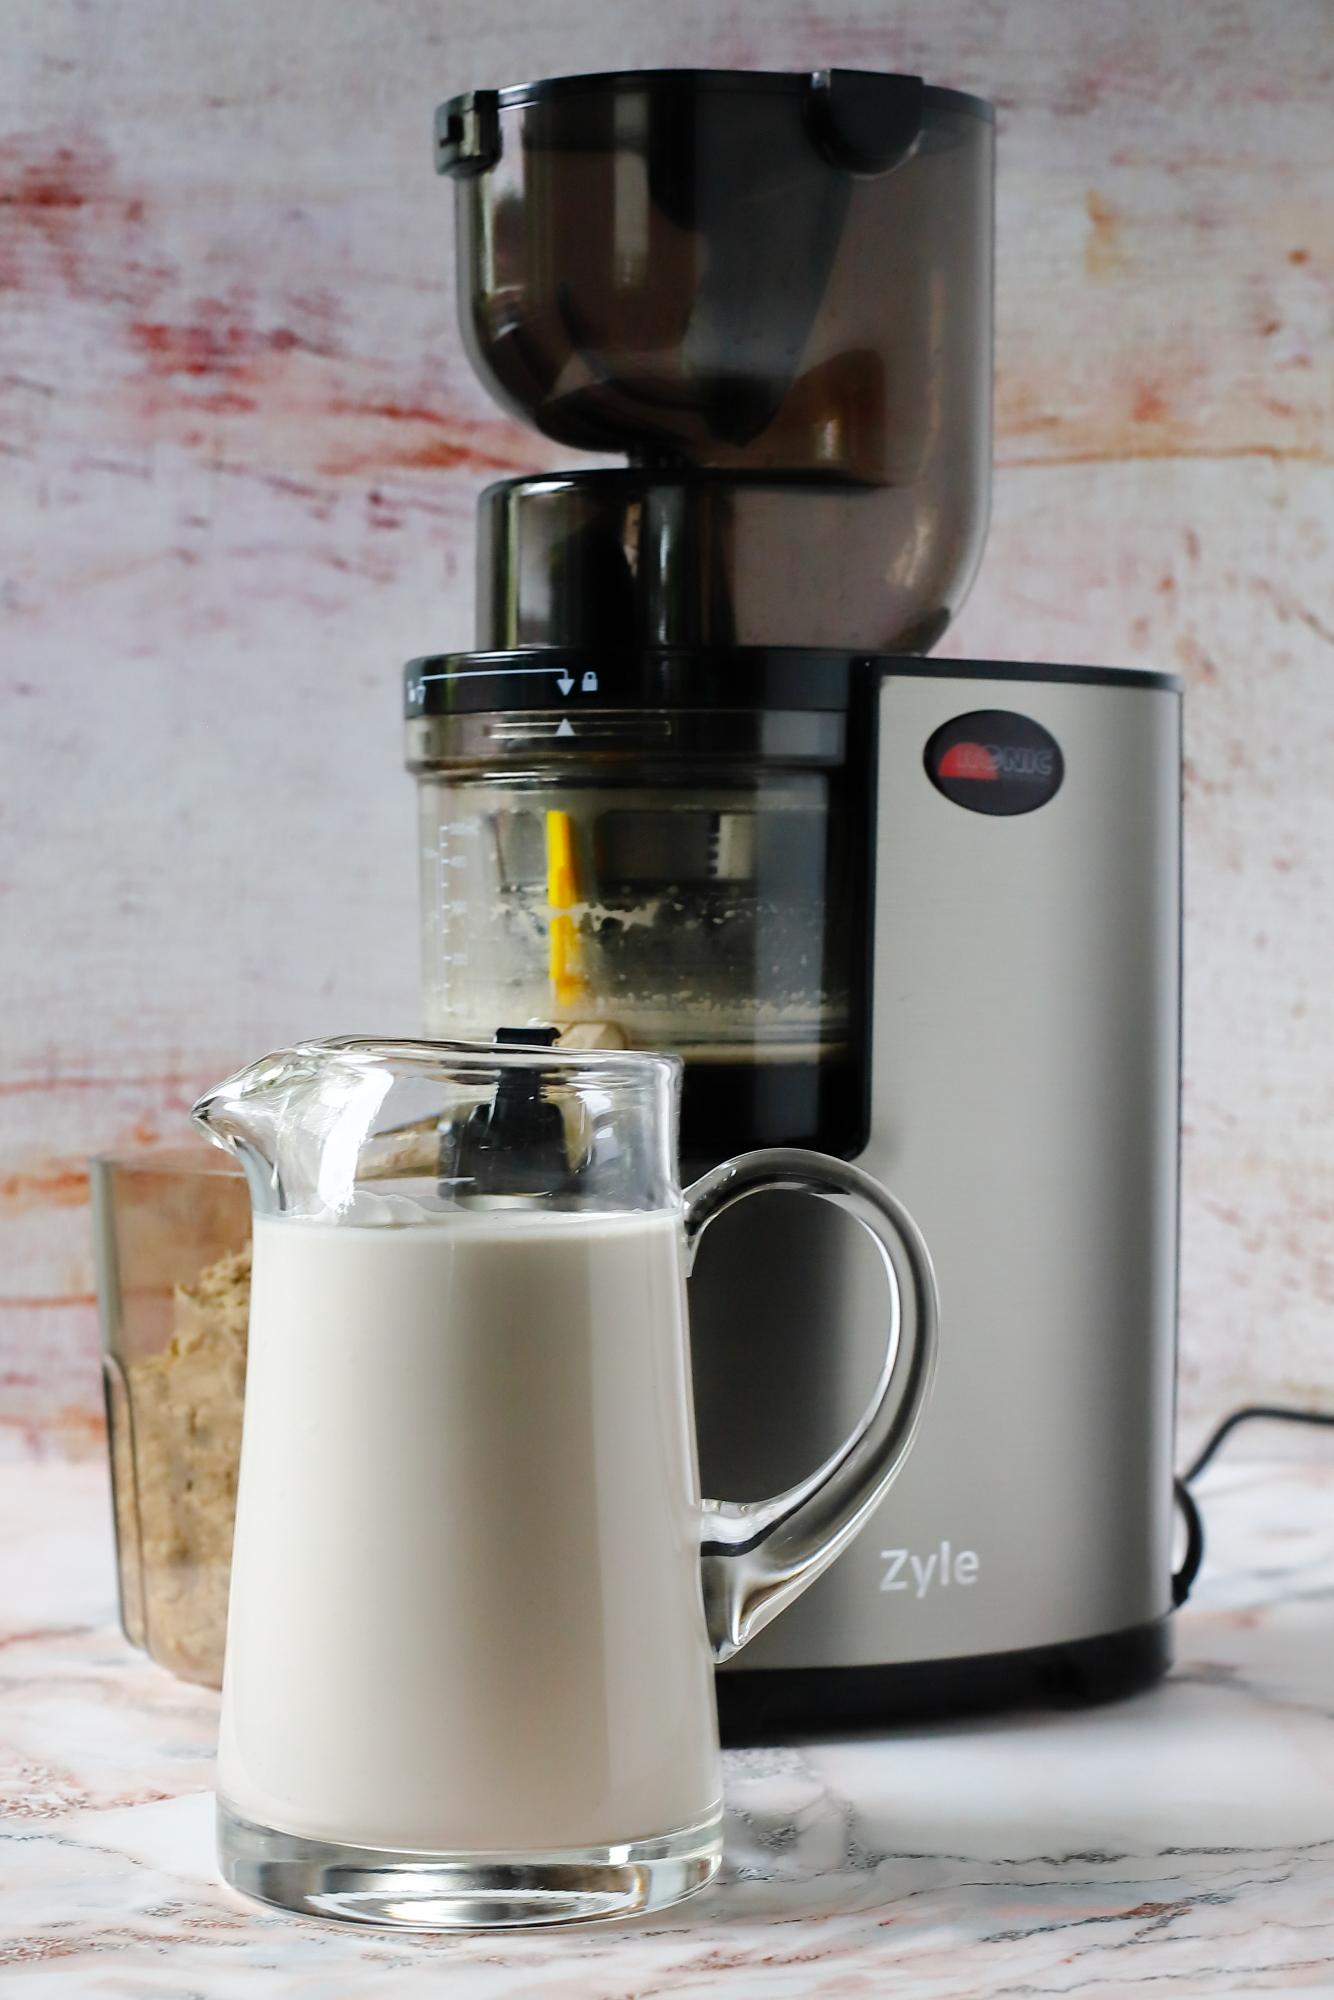 Ciasteczka z pulpy orzechowej po tłoczeniu mleka